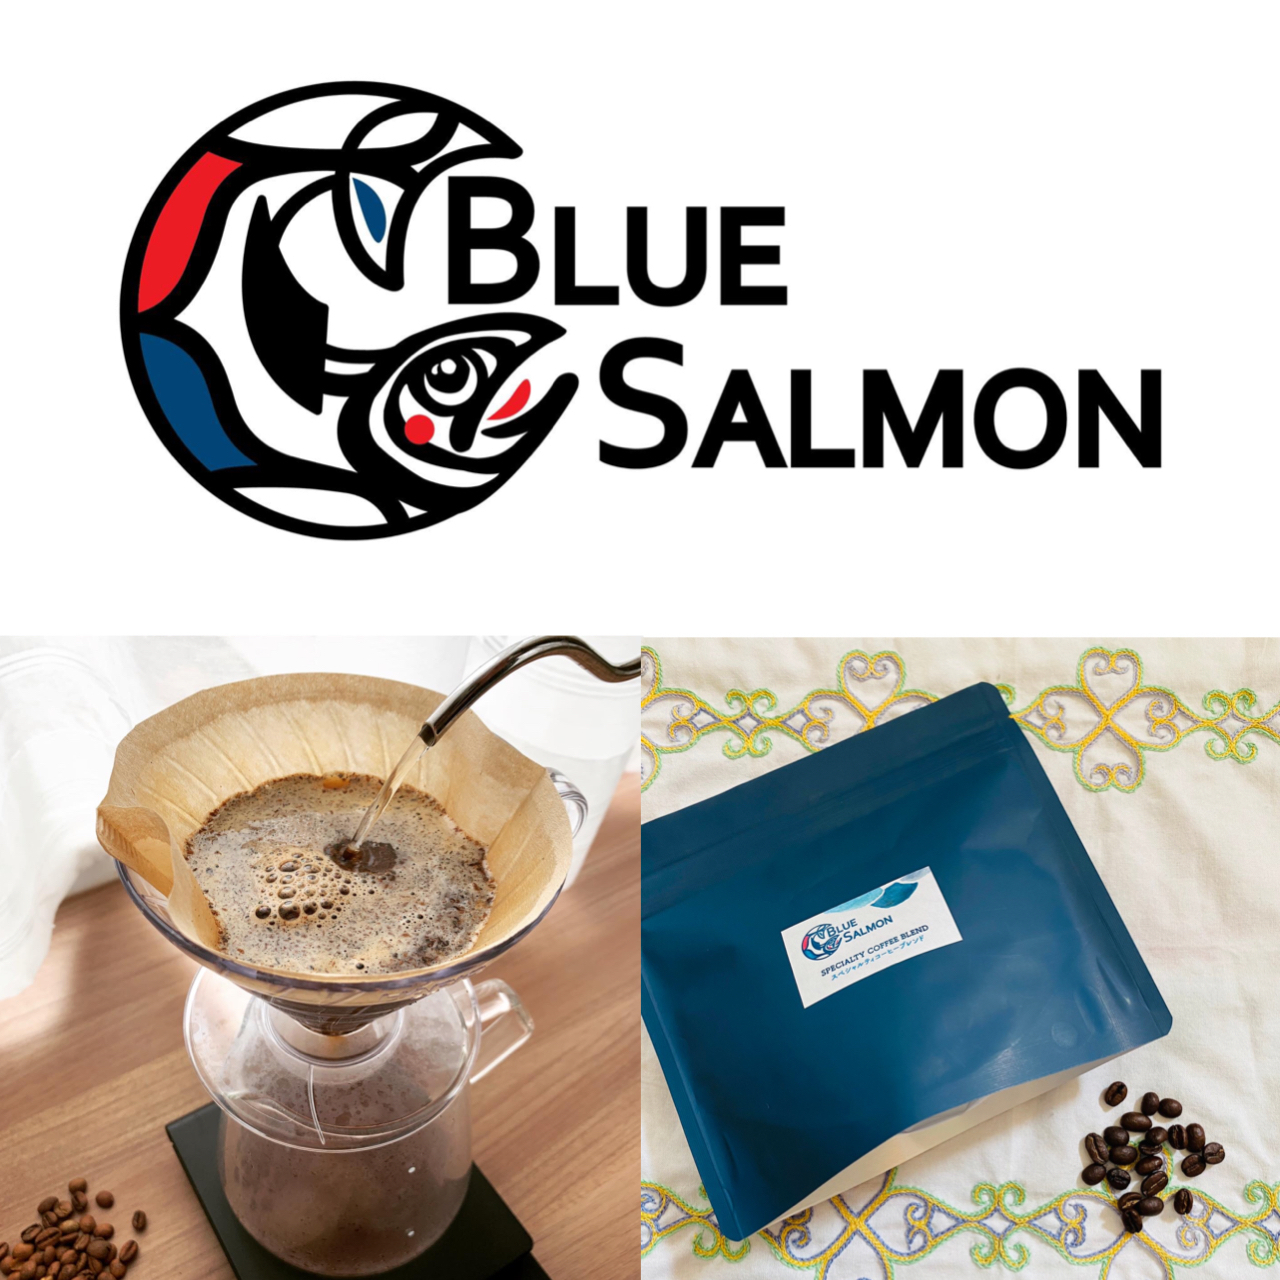 bluesalmon